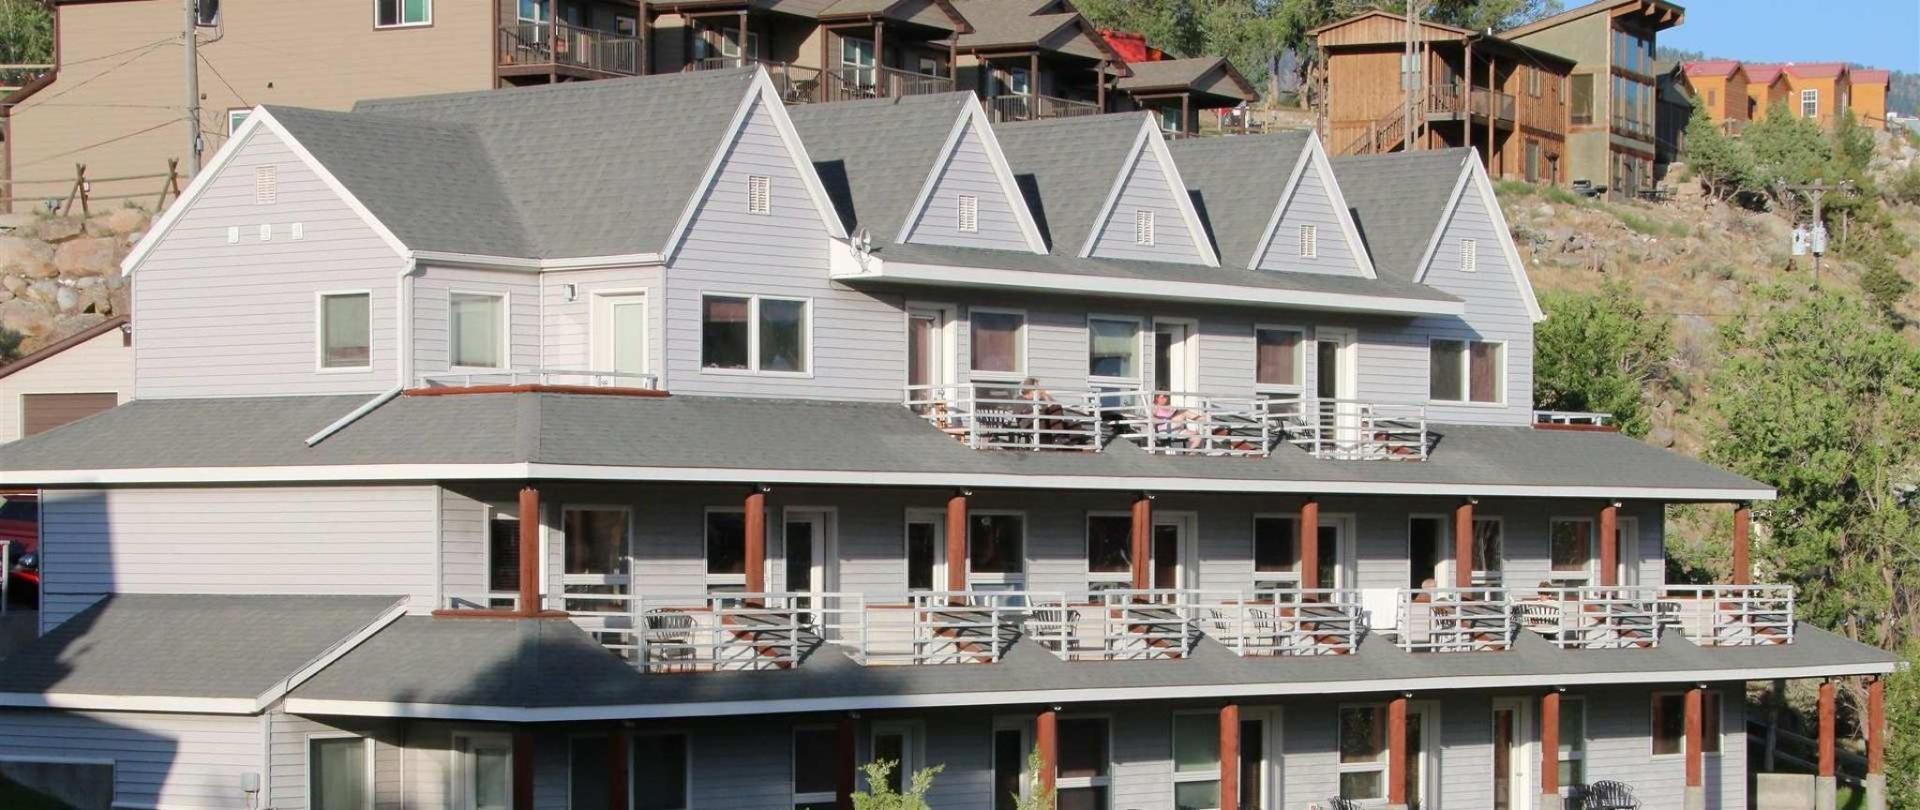 Absaroka Lodge